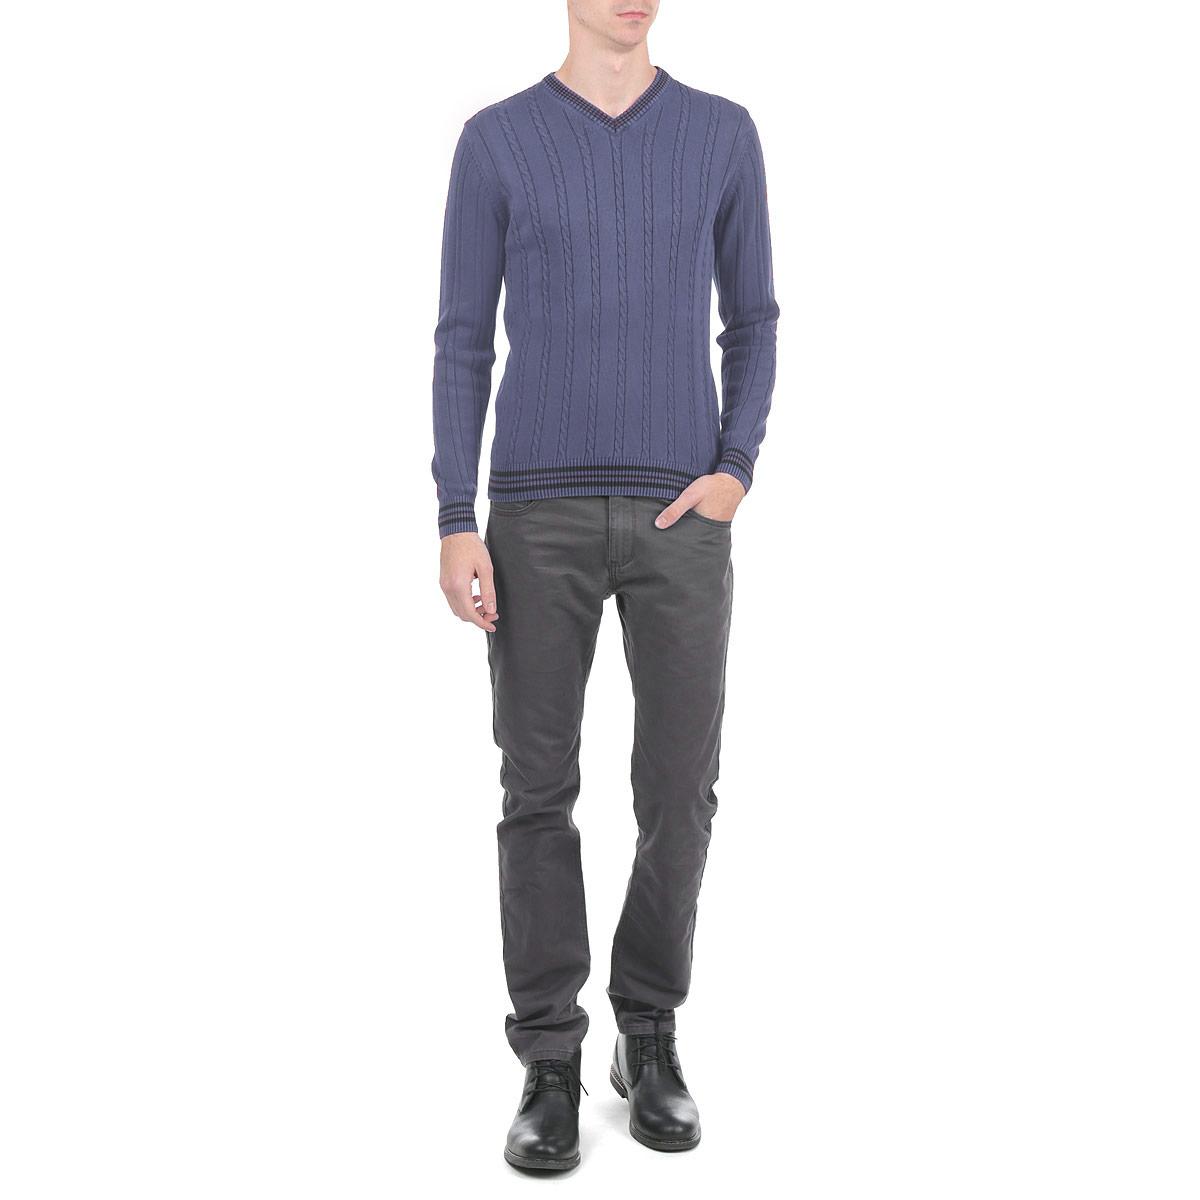 Свитер мужской. 410008-3 - Dekato410008-3 _13Мужской свитер Dekato, изготовленный из высококачественной пряжи, мягкий и приятный на ощупь, не сковывает движений и обеспечивает наибольший комфорт. Модель мелкой фактурной вязки с V-образным воротником зрительно удлиняет шею, а также делает владельца свитерастройнее. Идеален для ношения с галстуком. Манжеты рукавов, низ и воротник свитера дополнены эластичными резинками. Лицевая сторона оформлена косичками. Такой замечательный свитер - базовая вещь в гардеробе современного мужчины, желающего выглядеть элегантно каждый день!